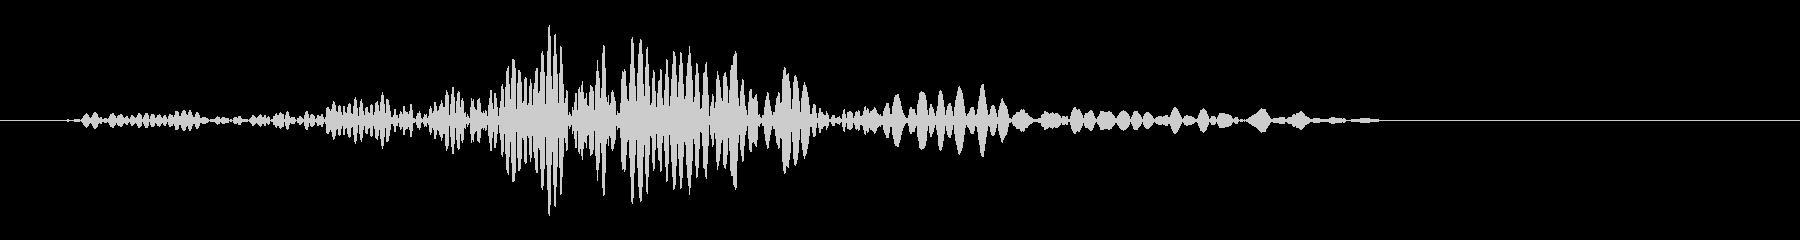 ブンと振り払った時の風切り音の未再生の波形